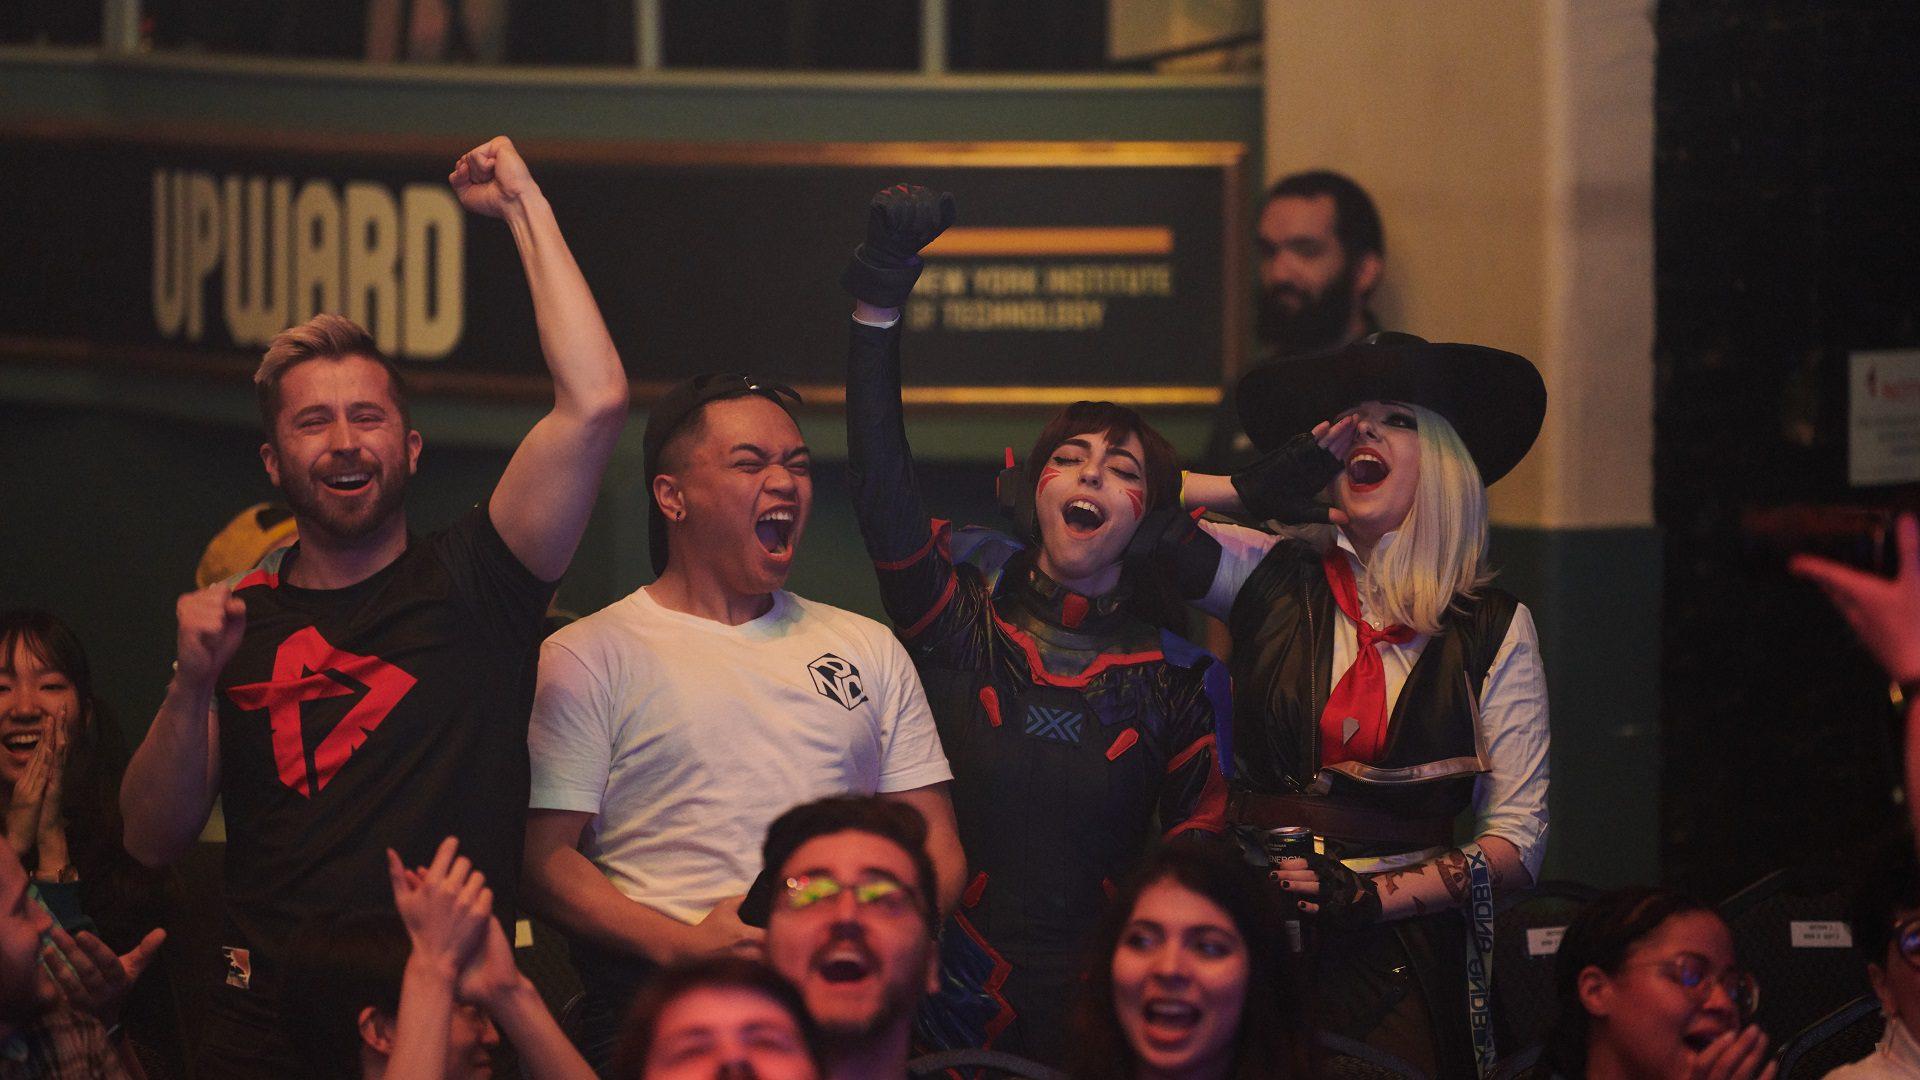 Récords de la Toronto Defiant Overwatch League